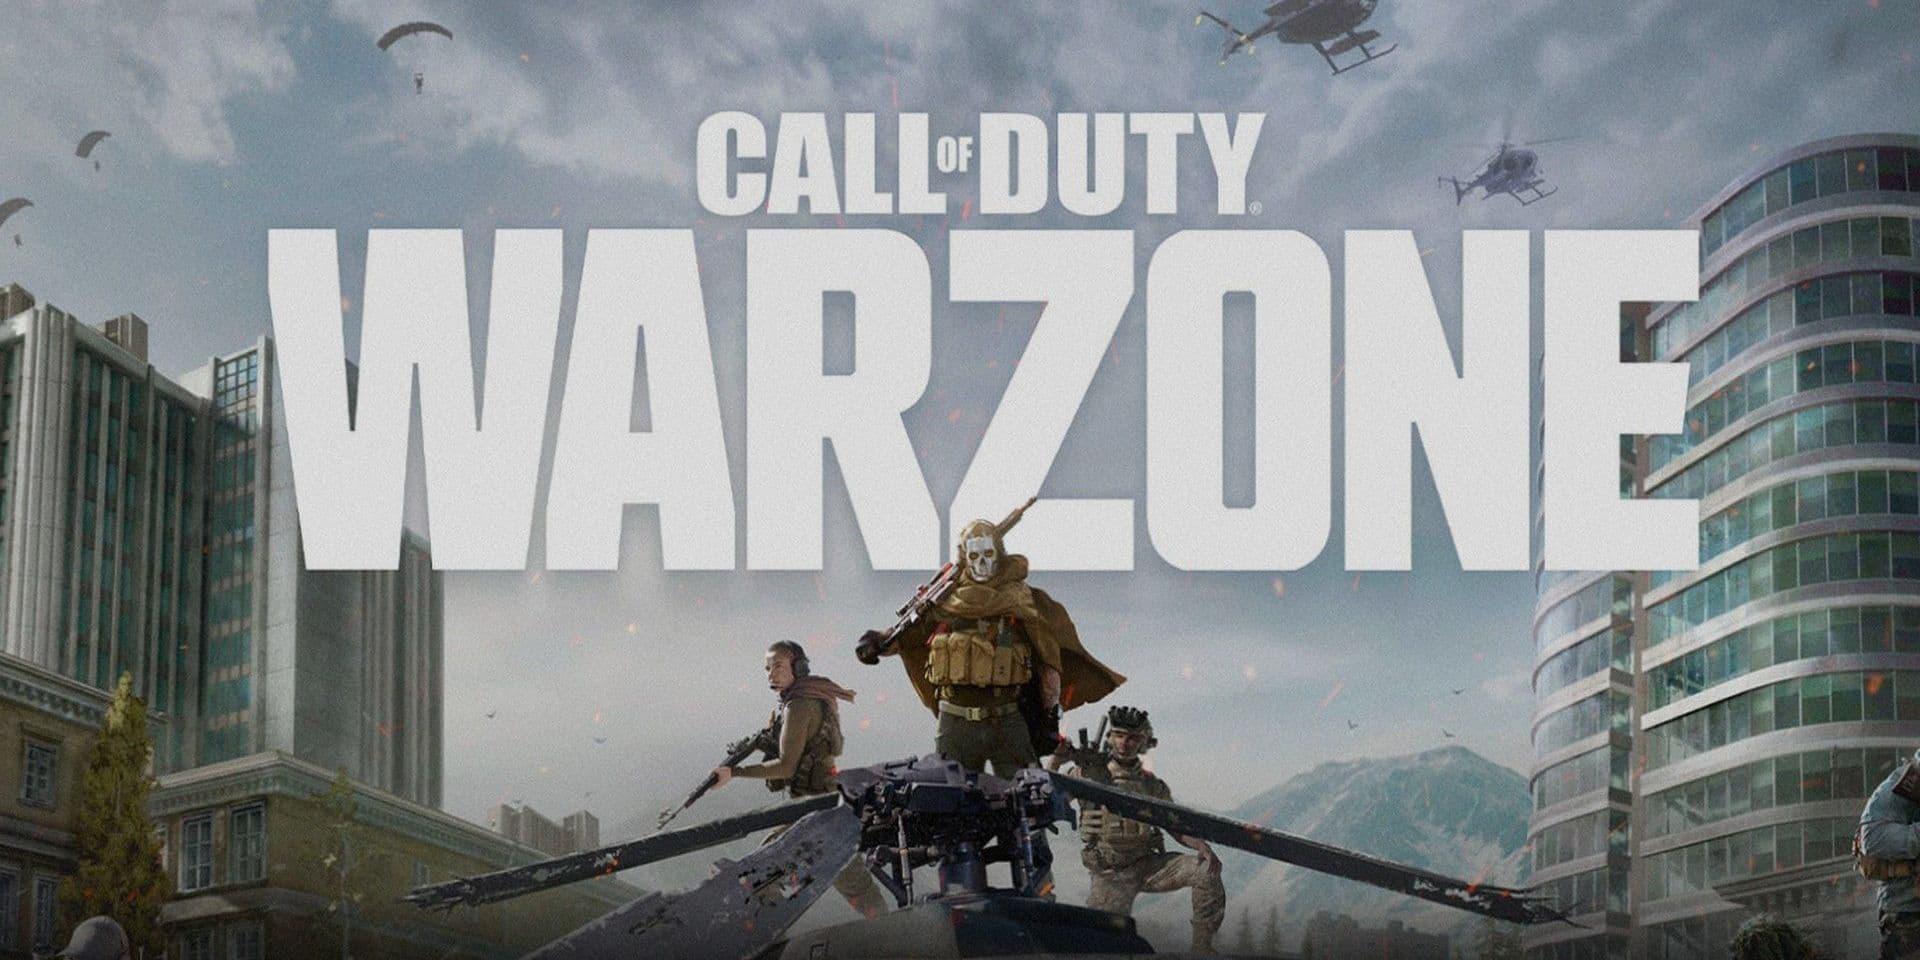 """""""Call of Duty Warzone"""" fête ses 100 millions de joueurs: des nouveautés attendues ?"""